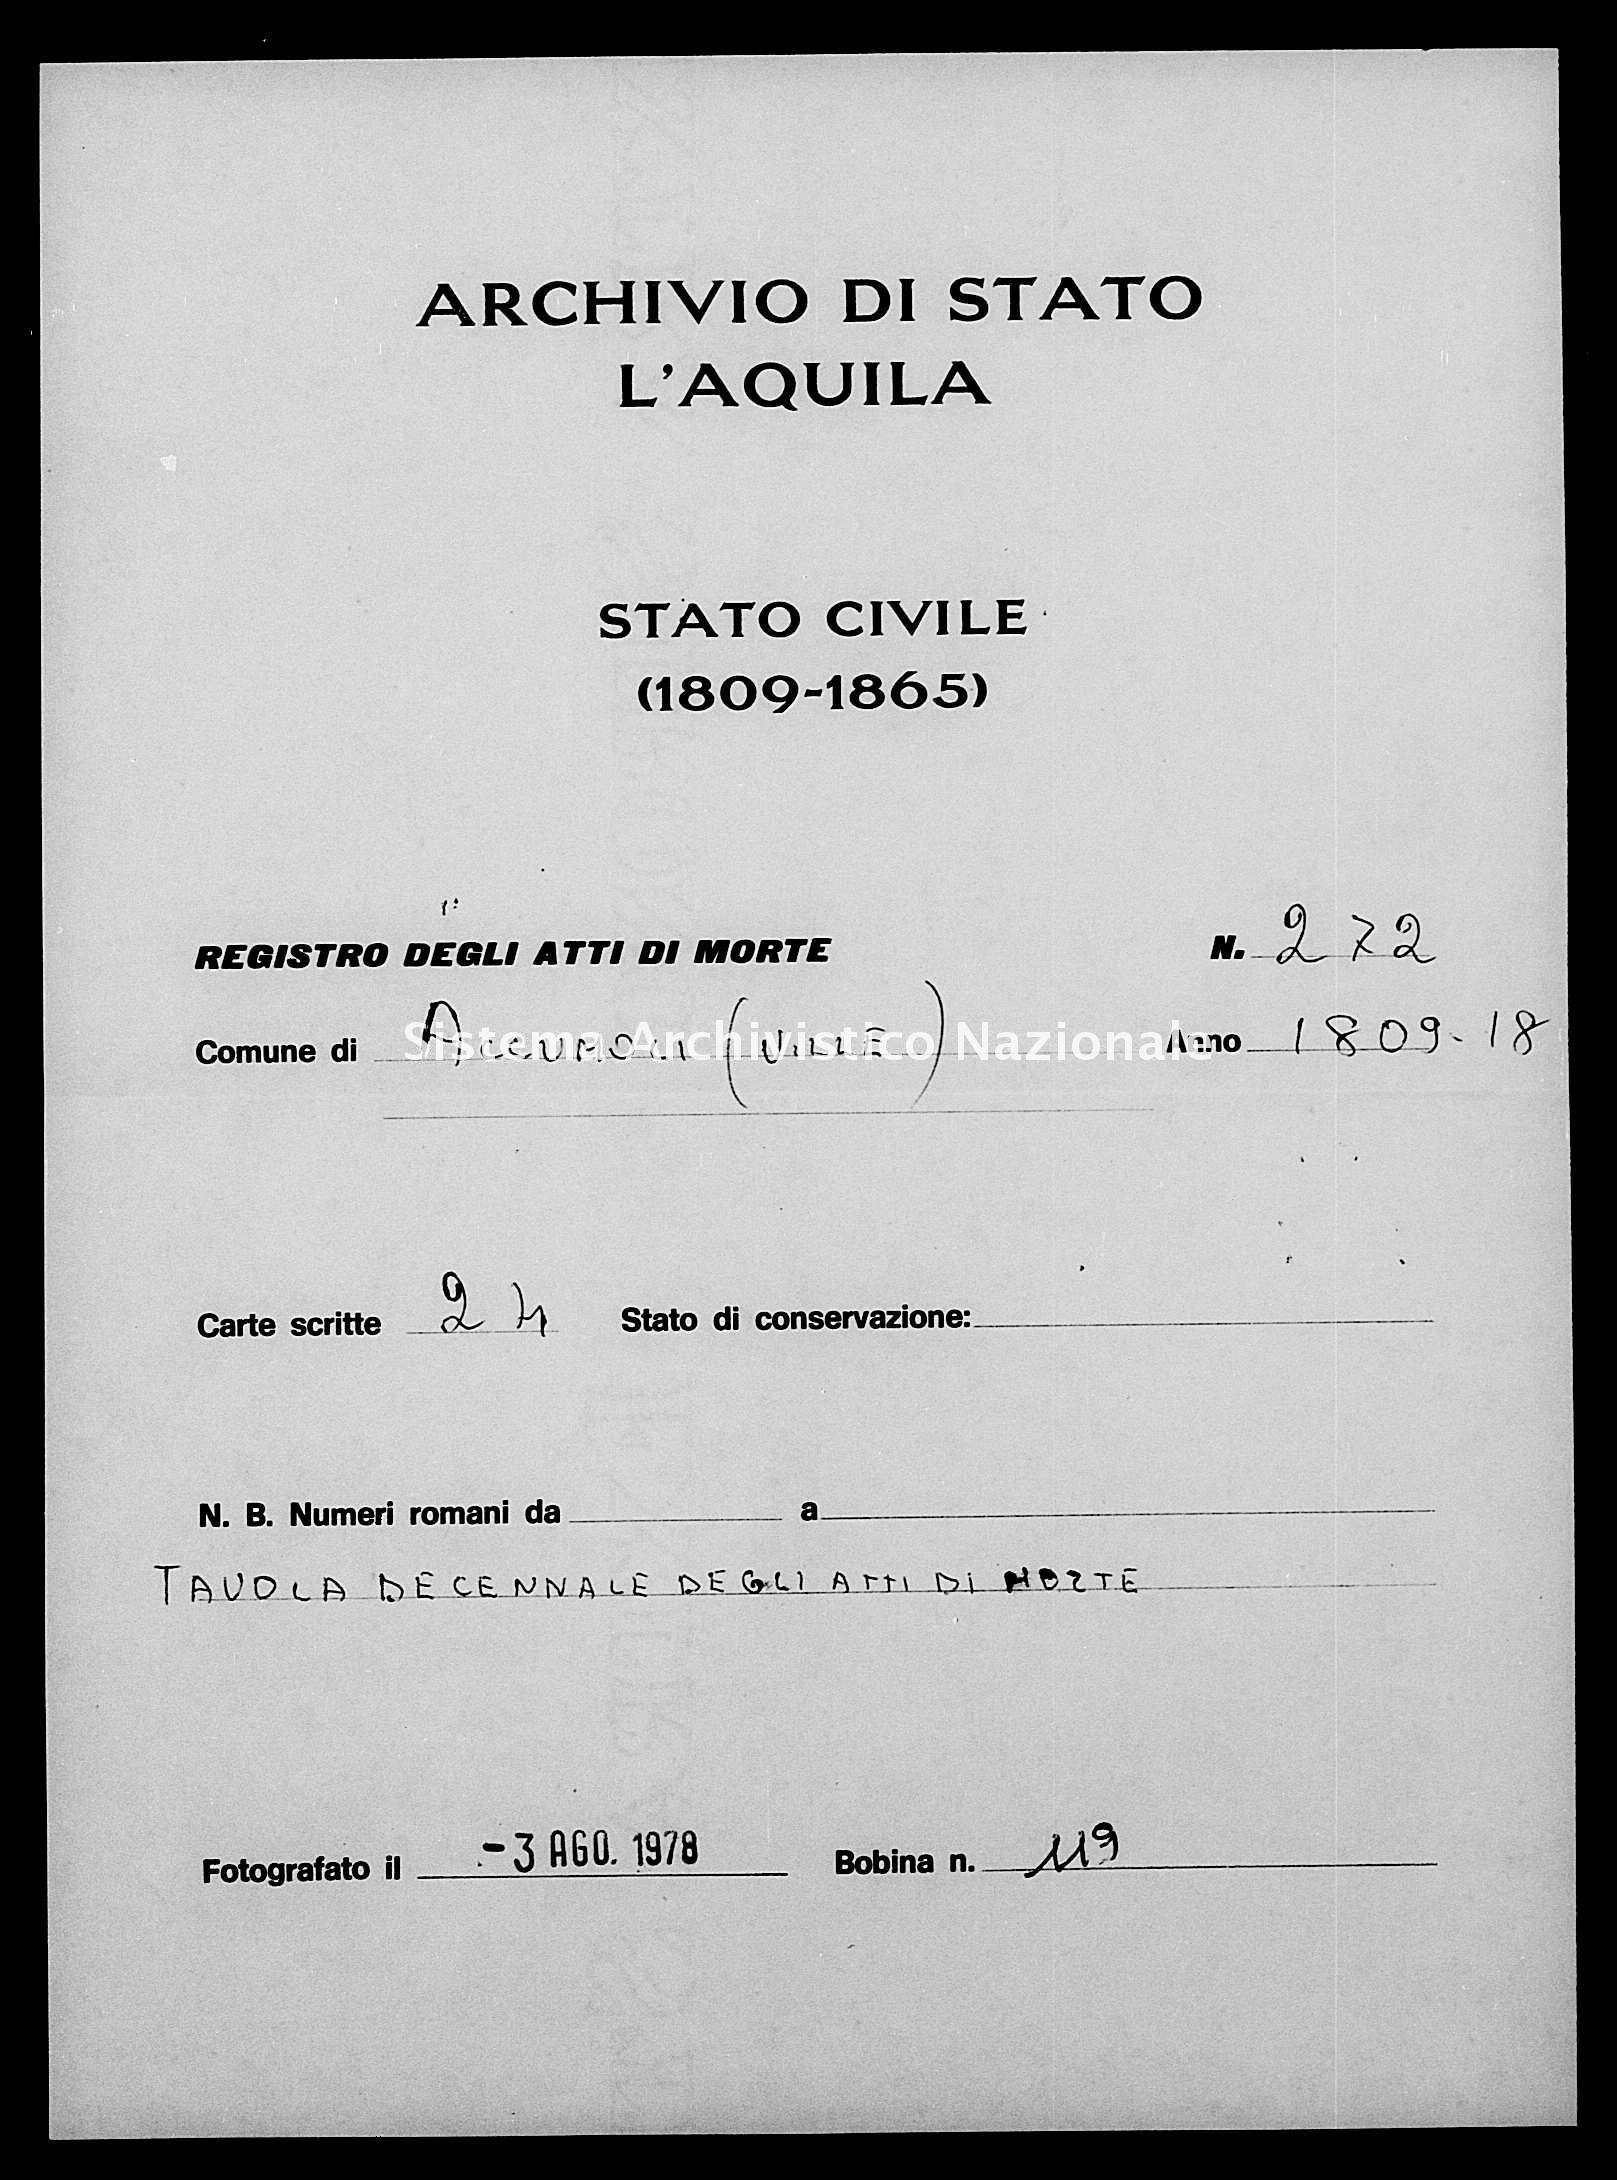 Archivio di stato di L'aquila - Stato civile napoleonico - Accumoli - Morti, indici decennali - 1809-1818 - 272 -